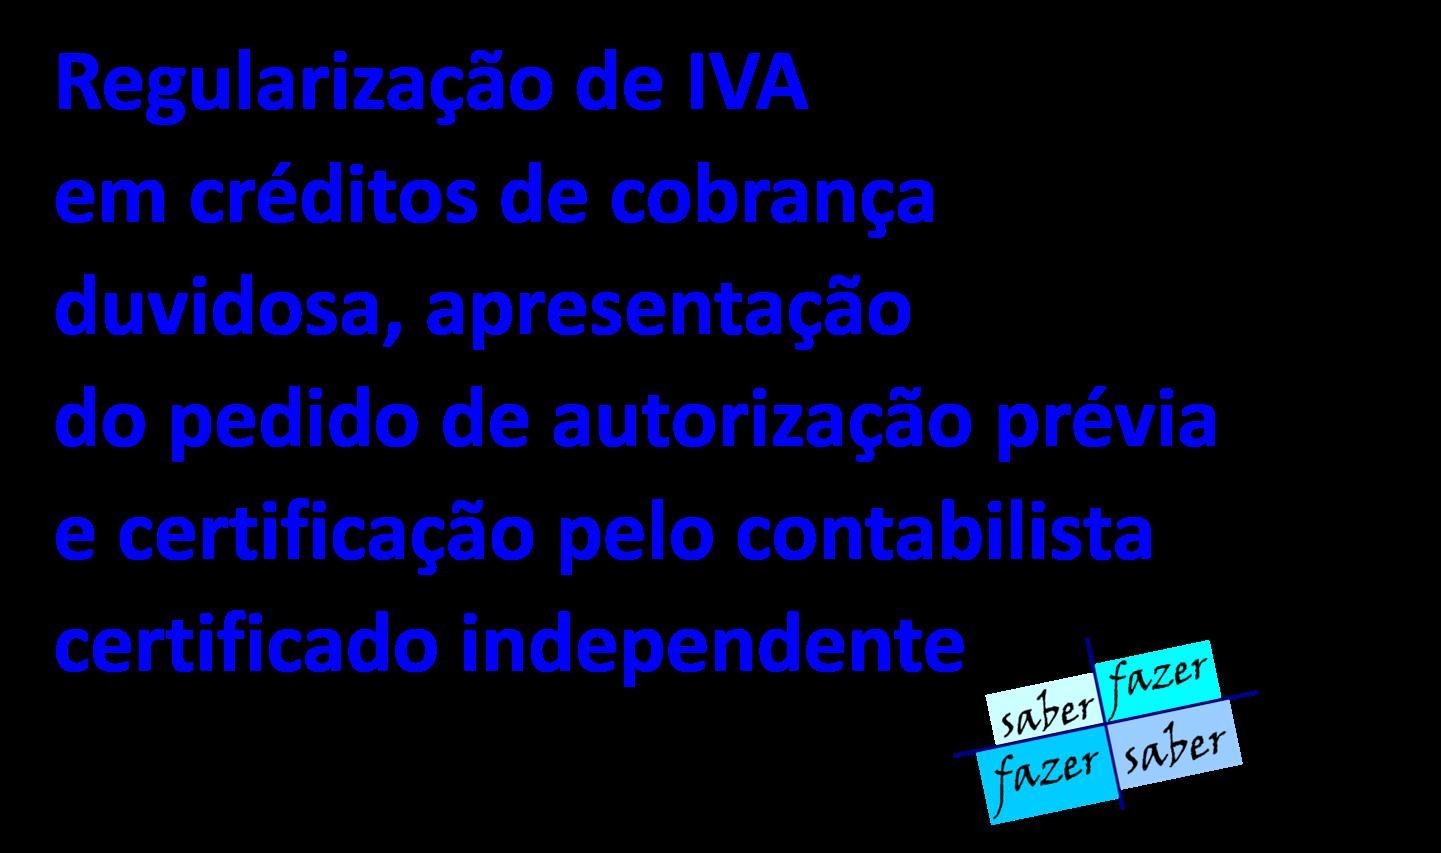 REGULARIZAÇÃO DE IVA EM CRÉDITOS DE COBRANÇA DUVIDOSA, APRESENTAÇÃO DO PEDIDO DE AUTORIZAÇÃO PRÉVIA E CERTIFICAÇÃO PELO CONTABILISTA CERTIFICADO INDEPENDENTE